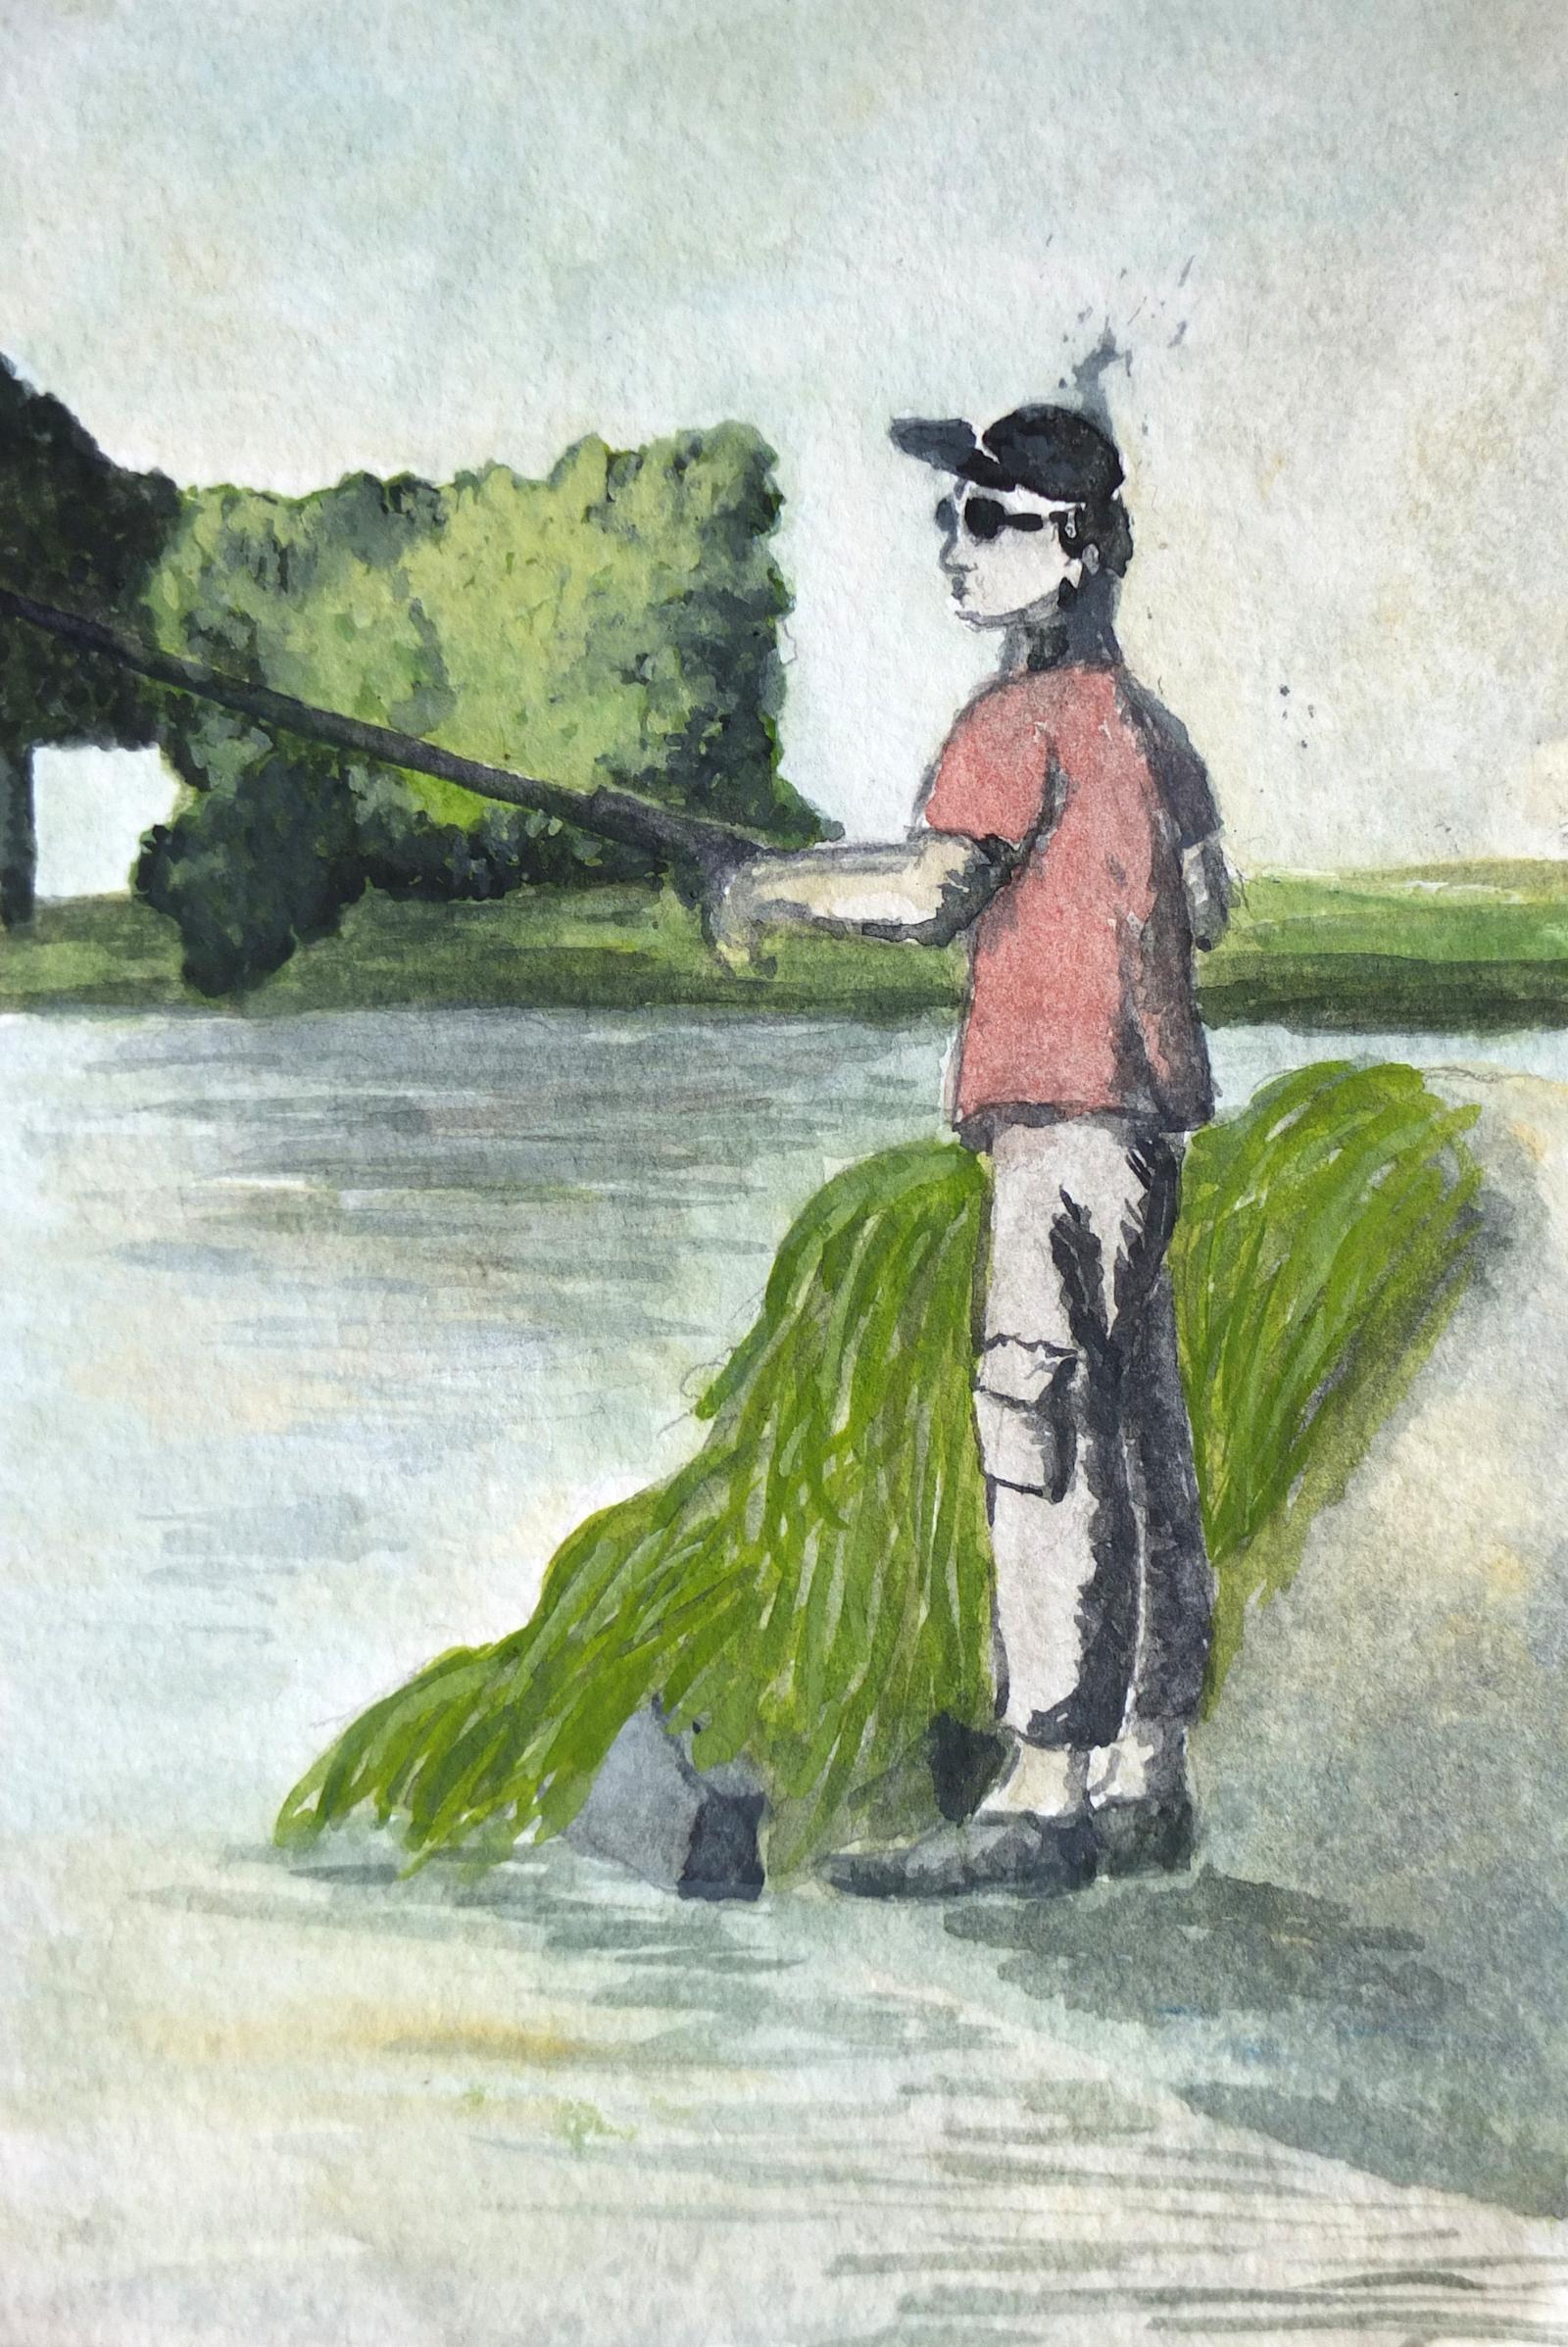 AnglerWitten